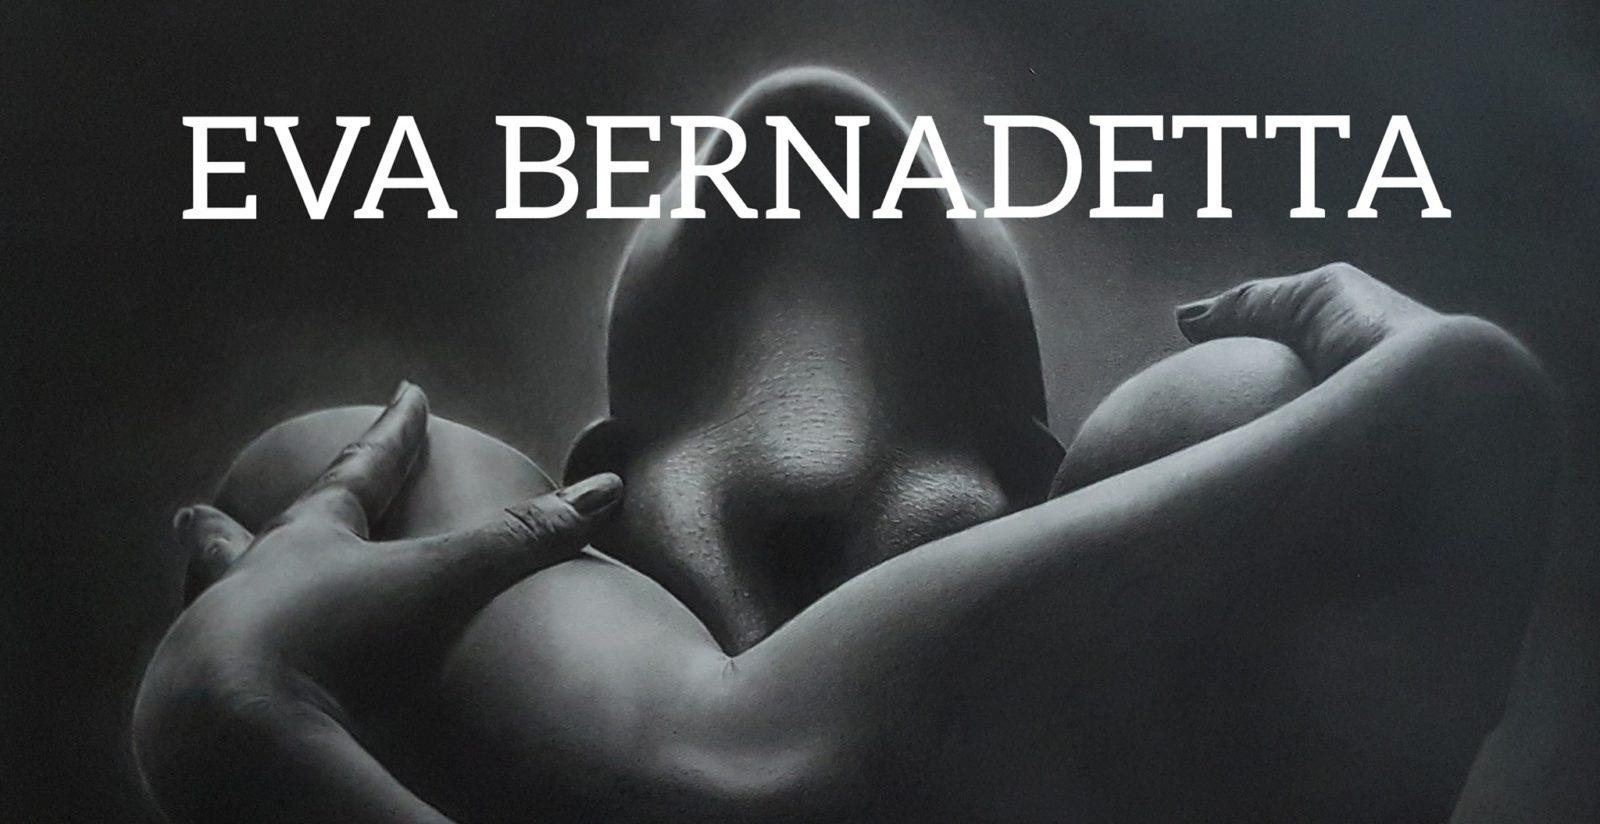 Realismus v tužce - Eva Bernadetta